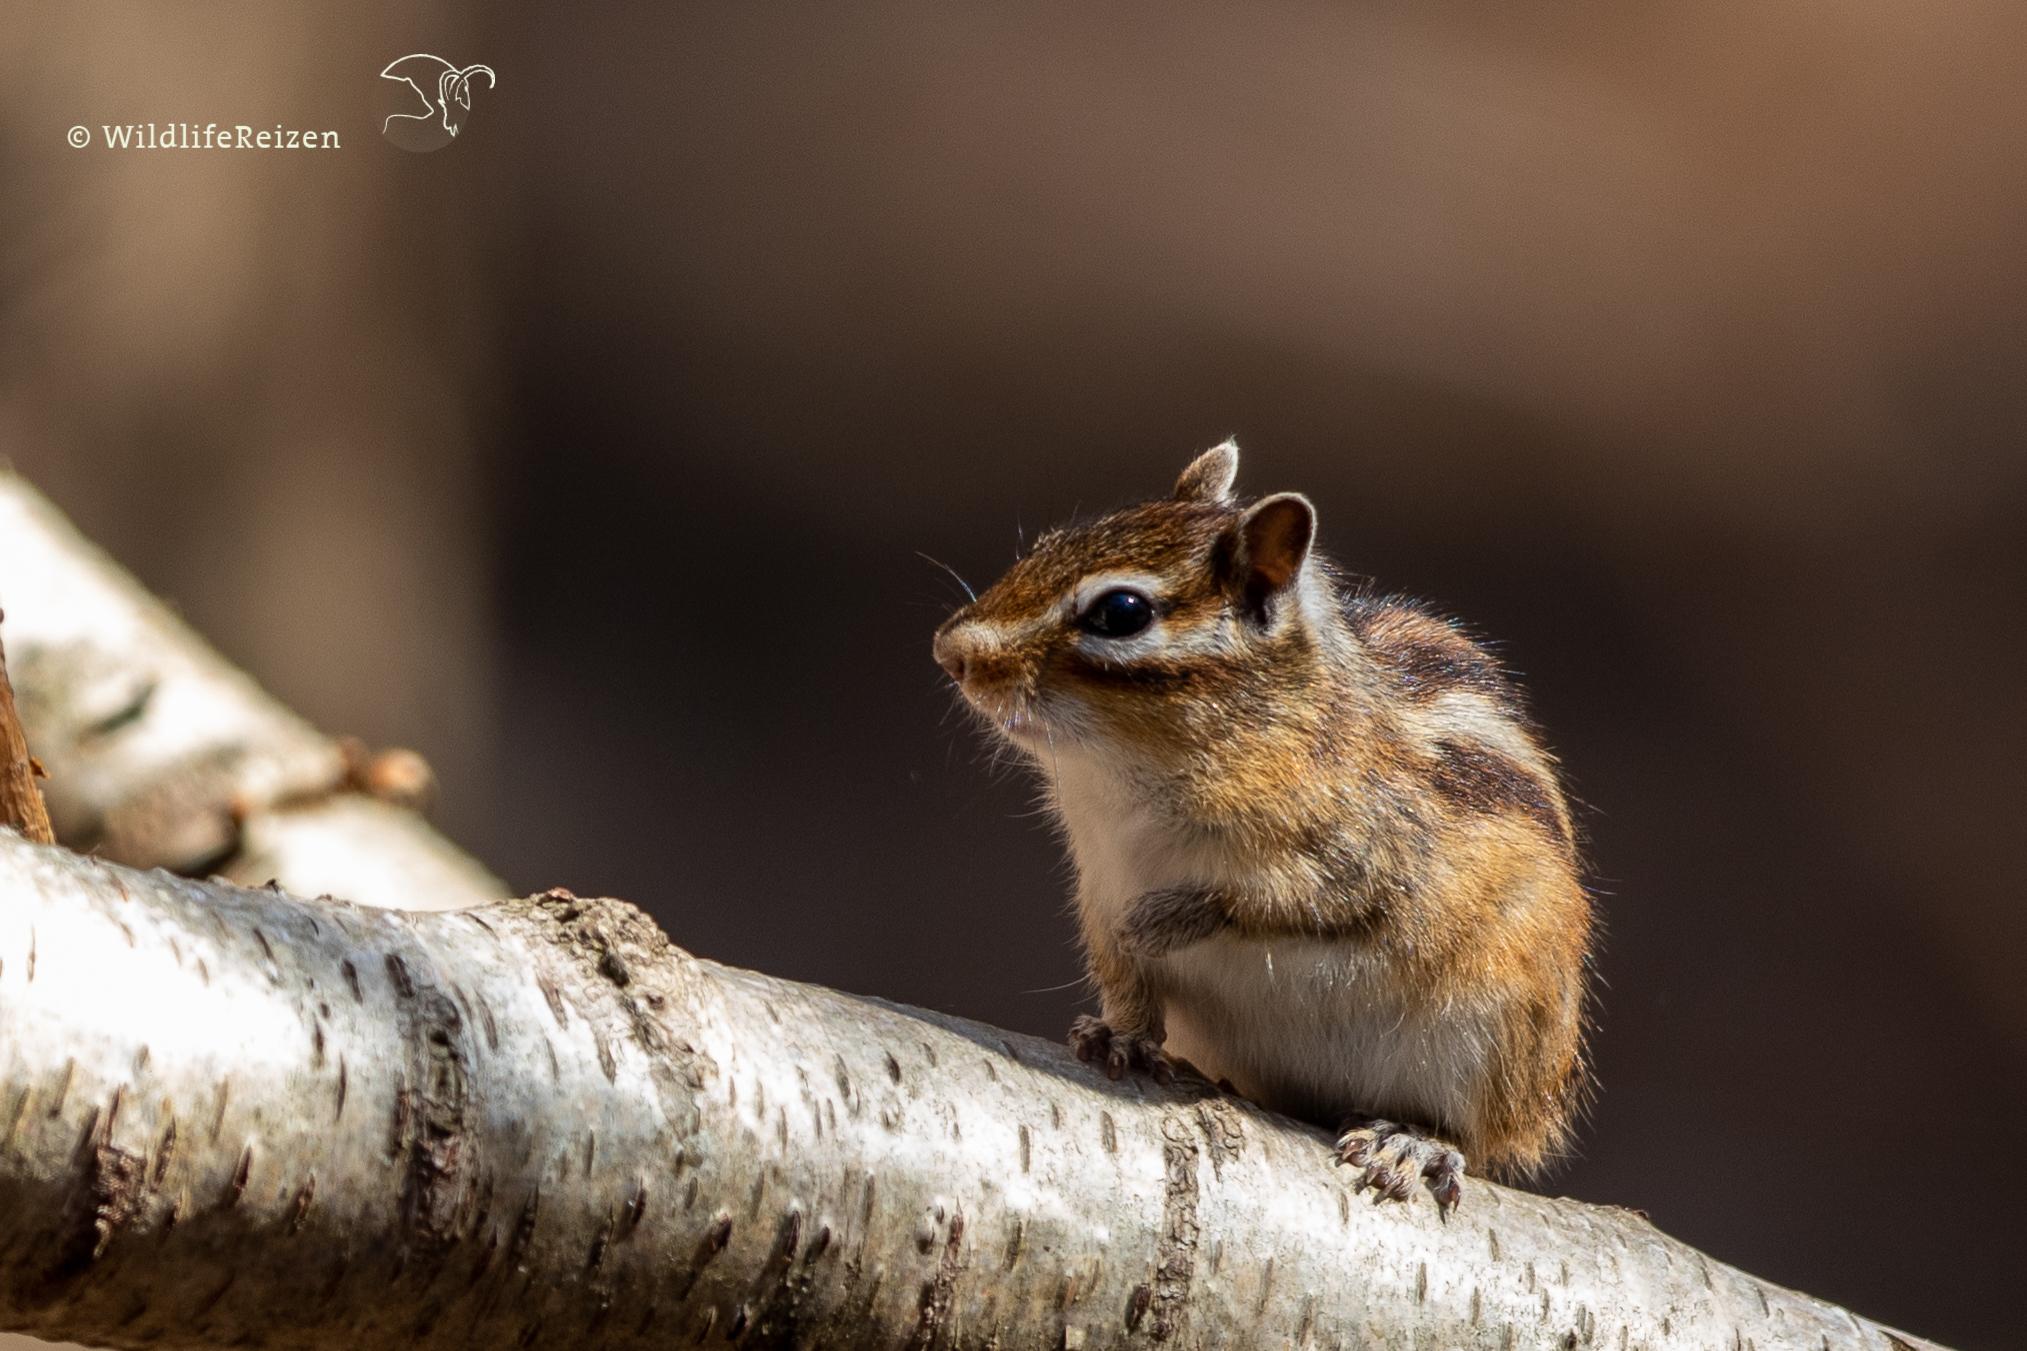 Siberische grondeekhoorns